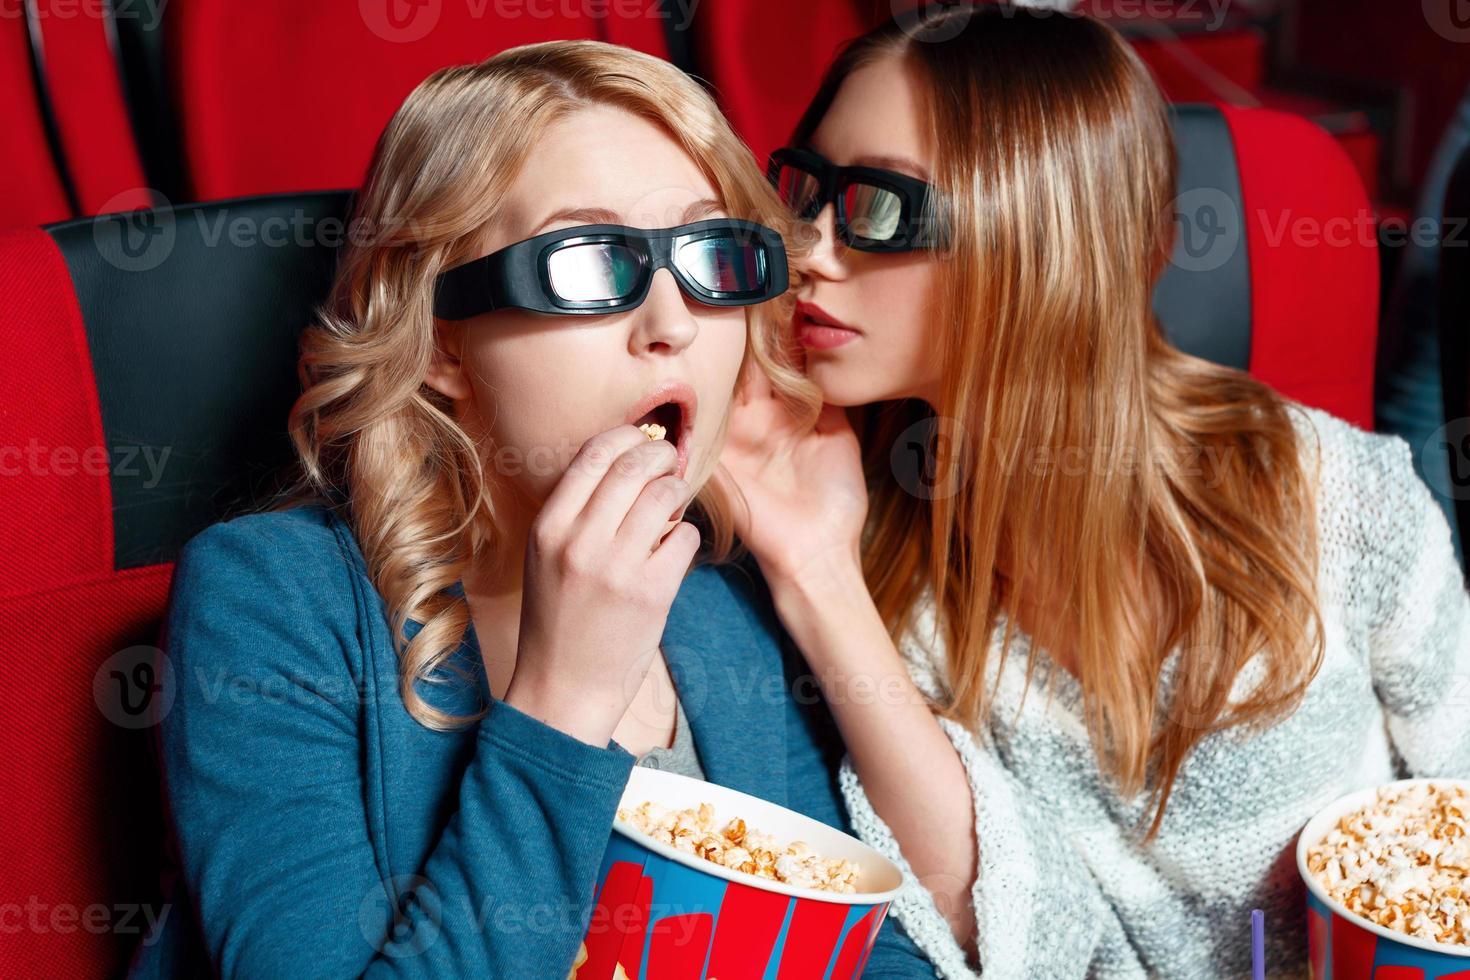 mujer compartiendo secretos en cine foto